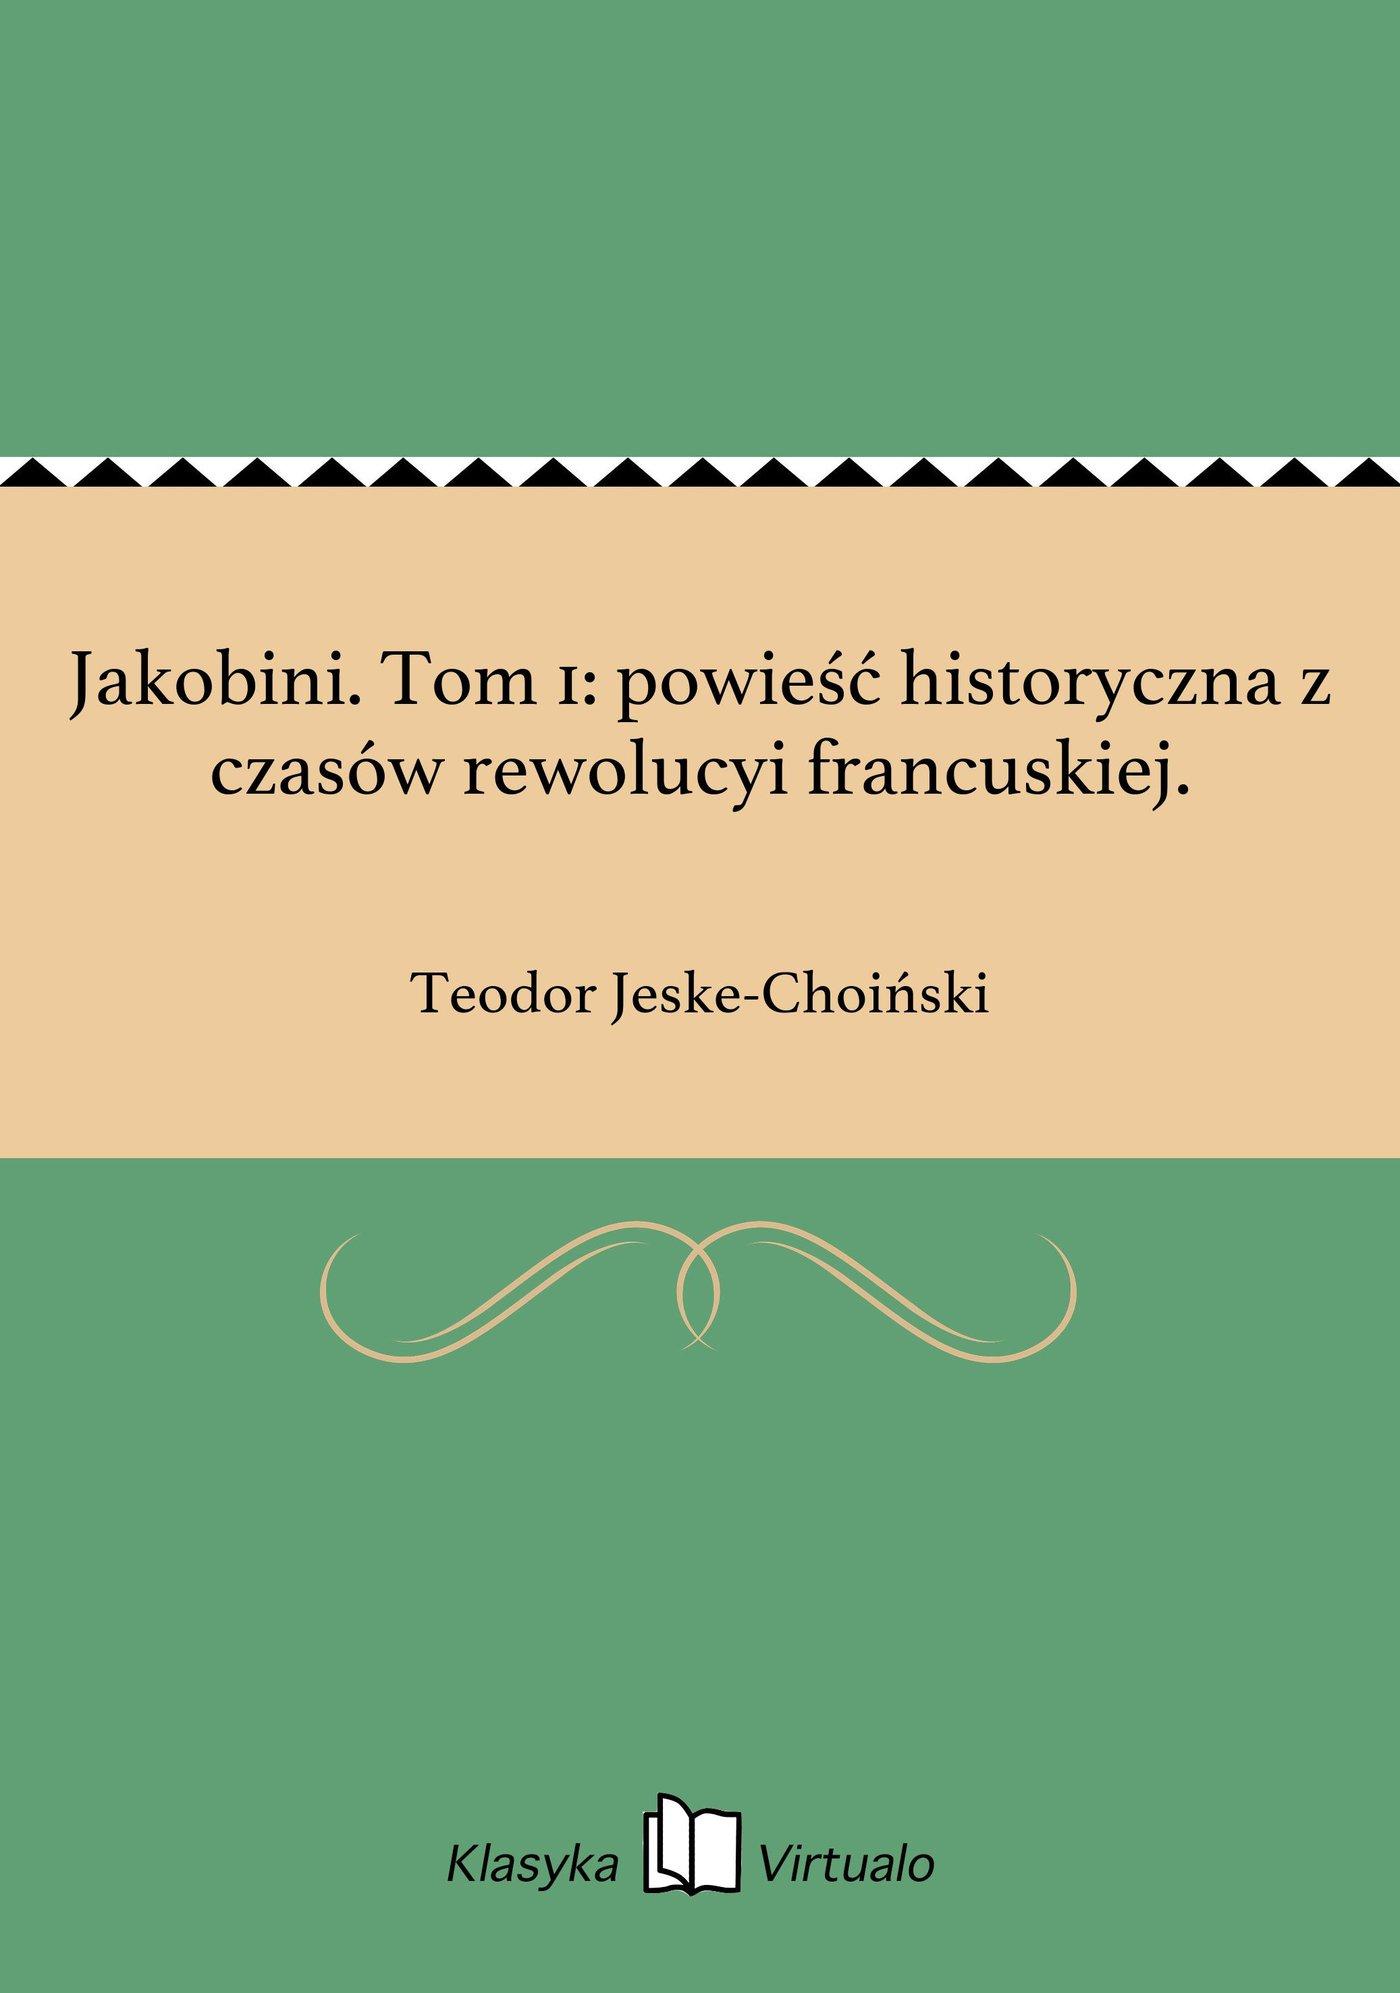 Jakobini. Tom 1: powieść historyczna z czasów rewolucyi francuskiej. - Ebook (Książka EPUB) do pobrania w formacie EPUB